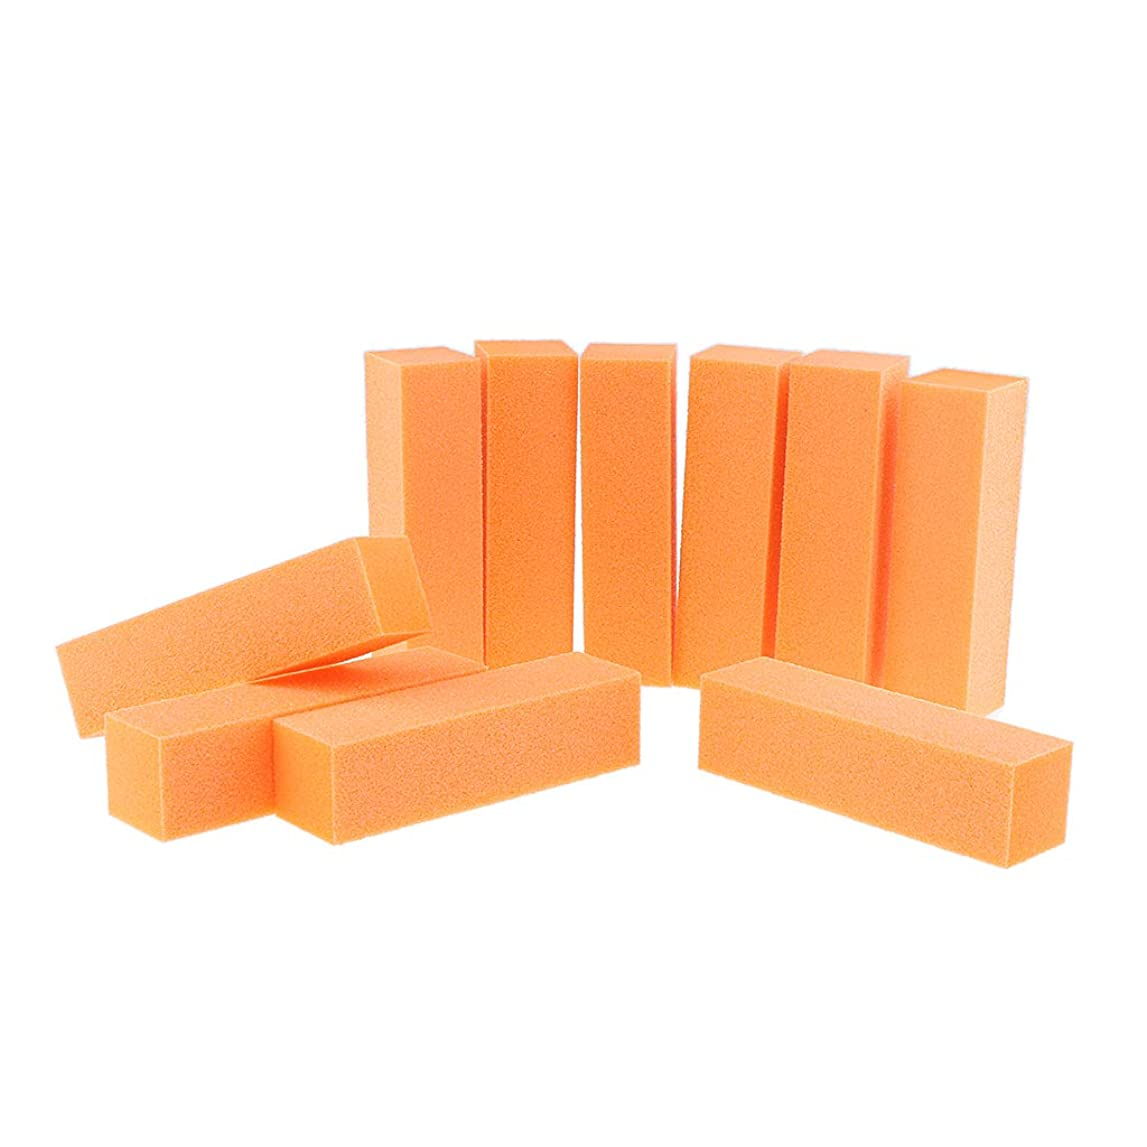 10PCSネイルアートケアバッファーバフ研磨サンディングブロックファイルグリットアクリルマニキュアツール-プロフェッショナルサロン使用または家庭用 - オレンジ